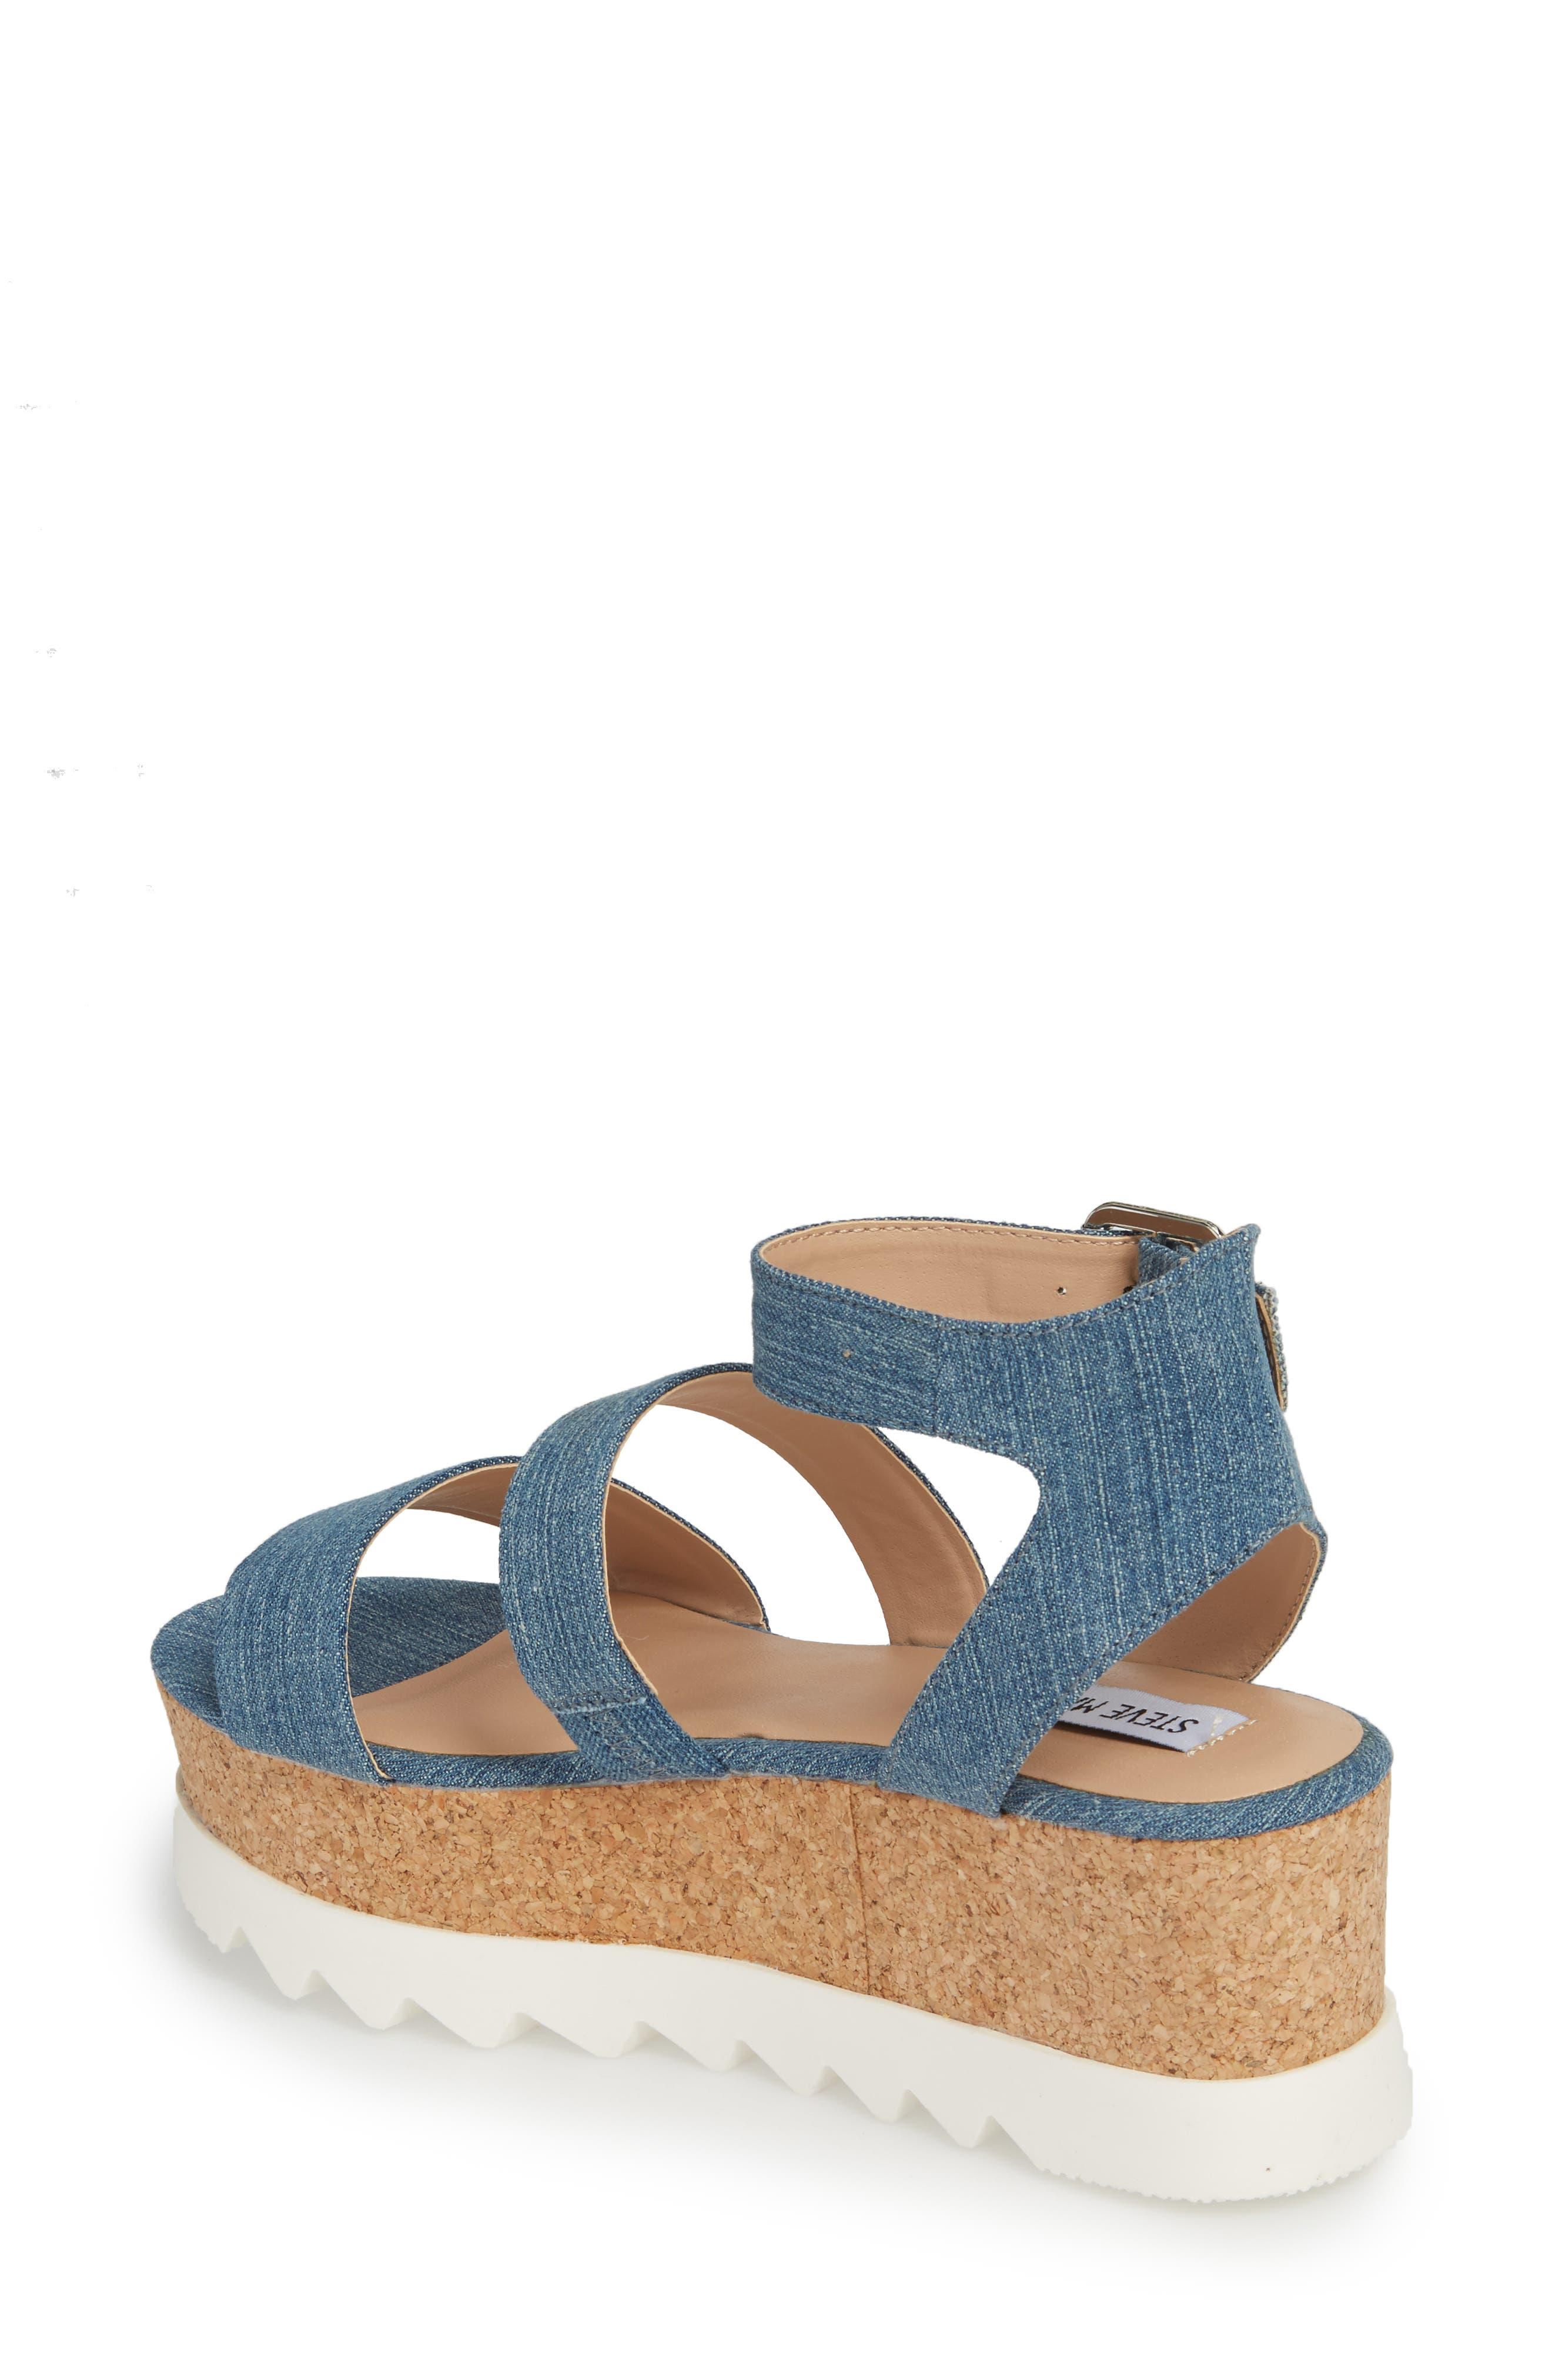 Alternate Image 2  - Steve Madden Kirsten Layered Platform Sandal (Women)